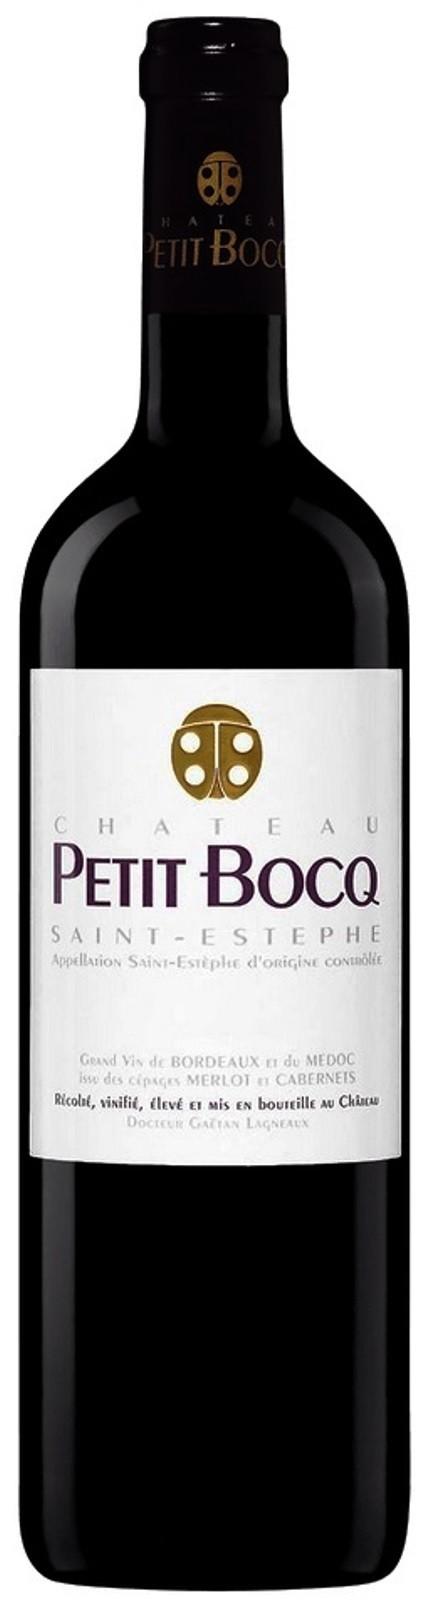 5.5.2021 - Chateau Petit Bocq 2020, Saint Estéphe - KAMPAŇ EN PRIMEUR